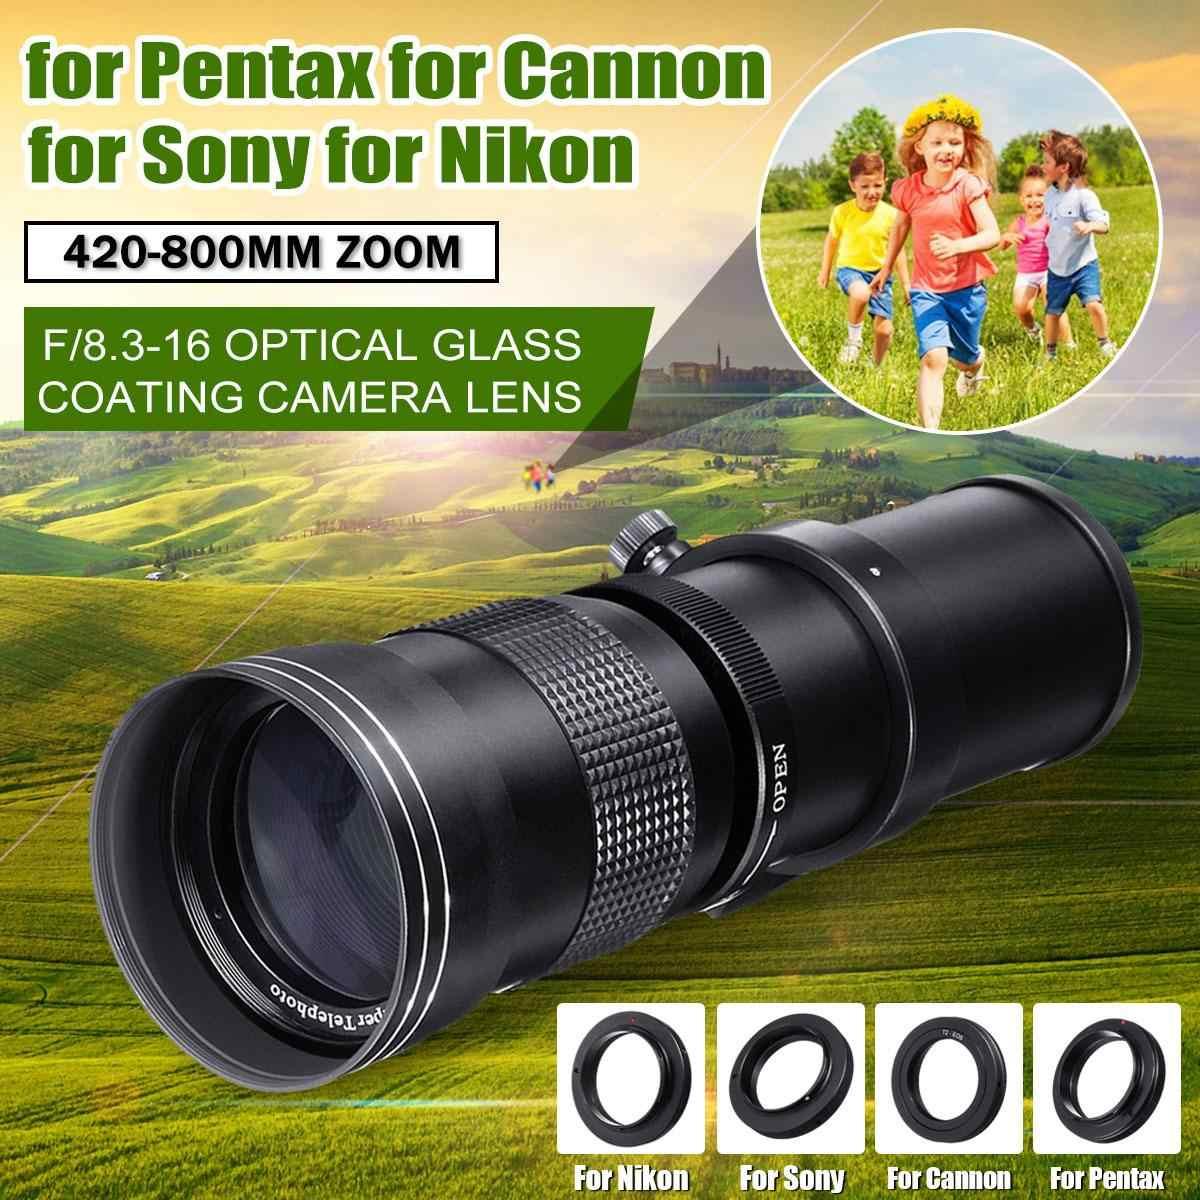 Camera Lens 420-800mm F/8.3-16 Super Telephoto Lens Manual Zoom Lens for Canon for Nikon /Sony/Pentax DSLR SLR